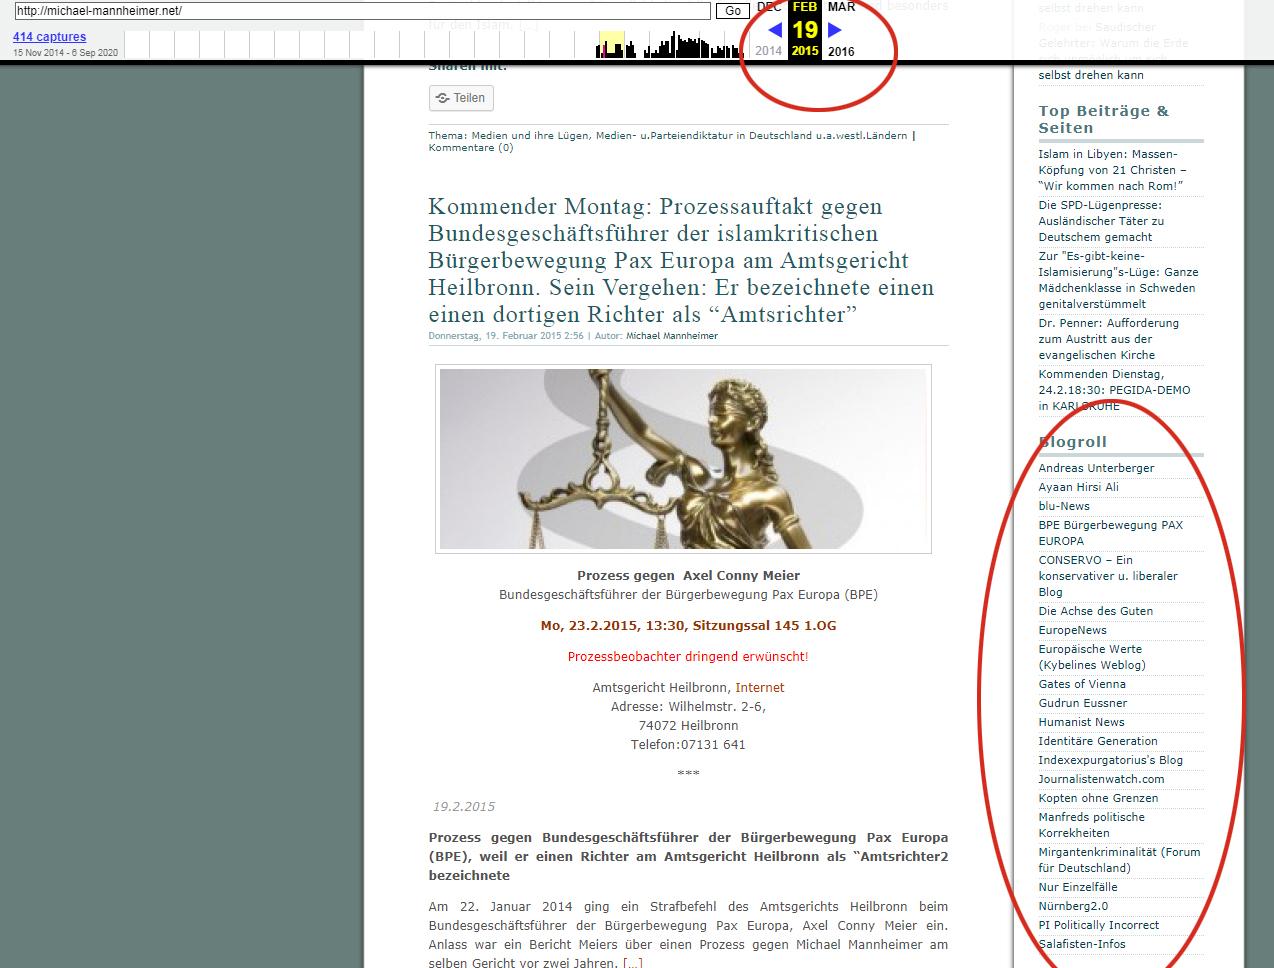 michael_mannheimer_blog_verbindungen_pi_news_etc_jdn_001